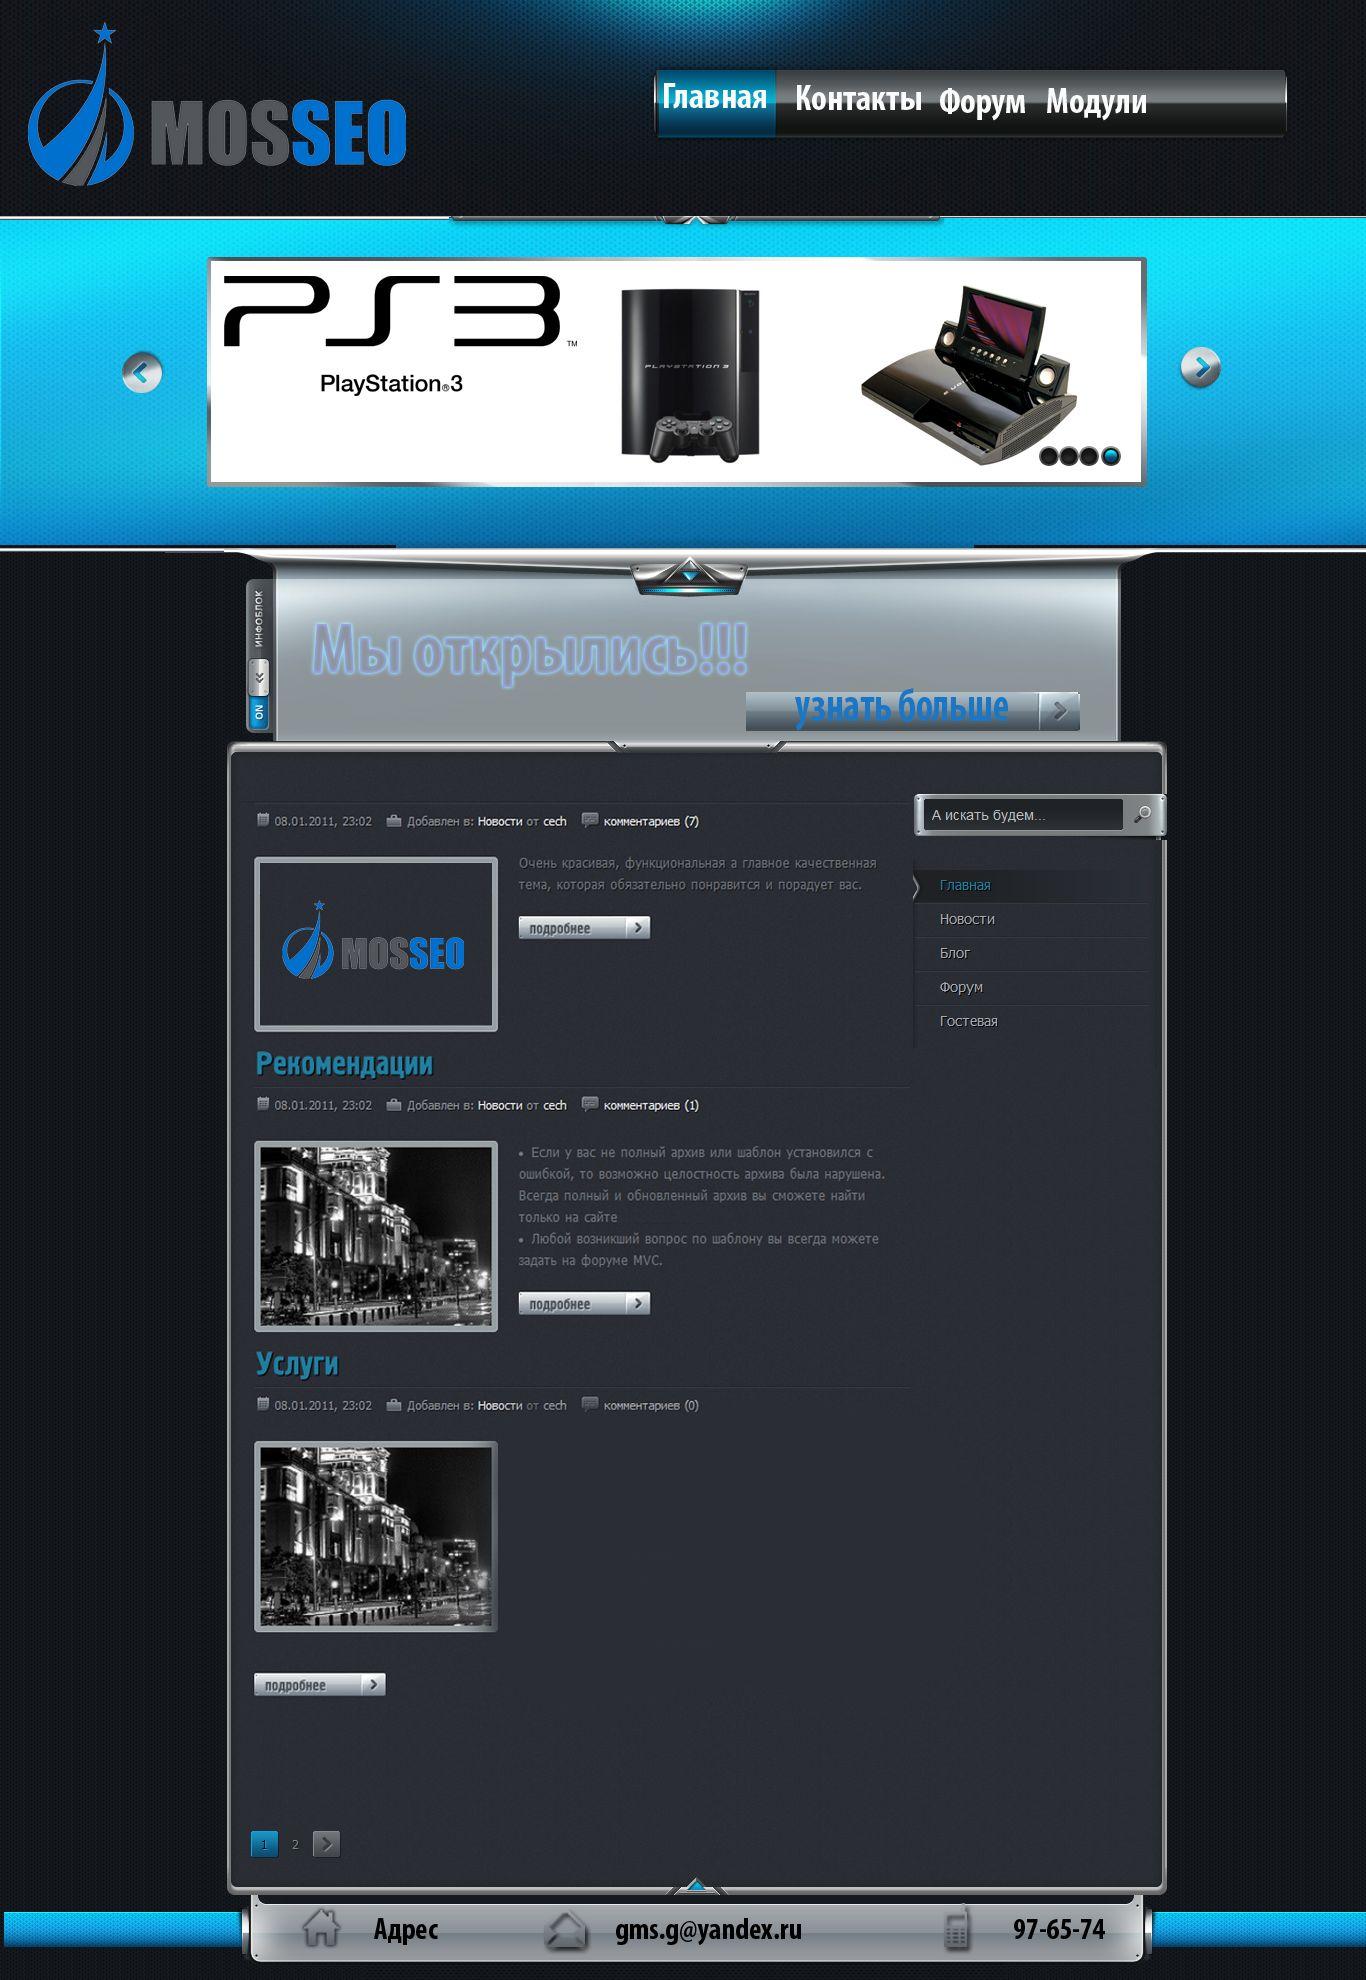 Дизайн целевой страницы IT-компании - дизайнер dfvgbh123